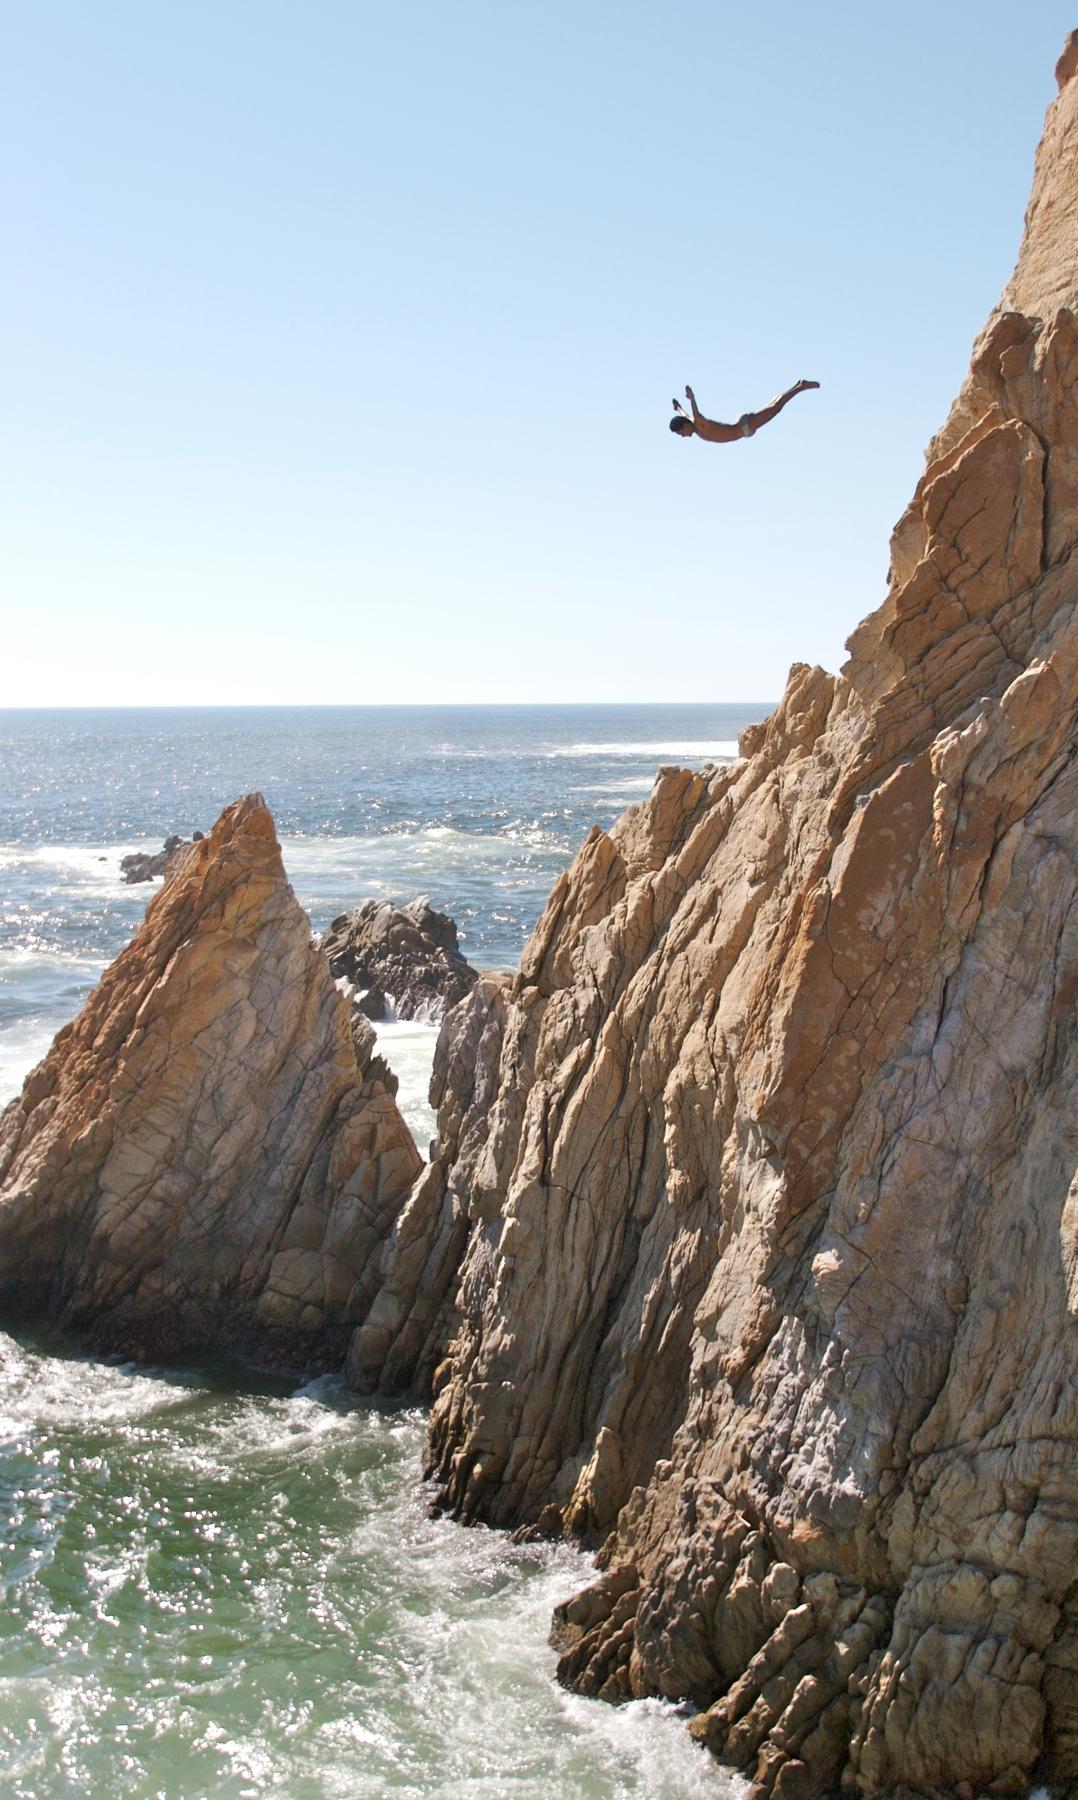 Abenteuer pur: Cliff-Jumping in Spanien oder Griechenland